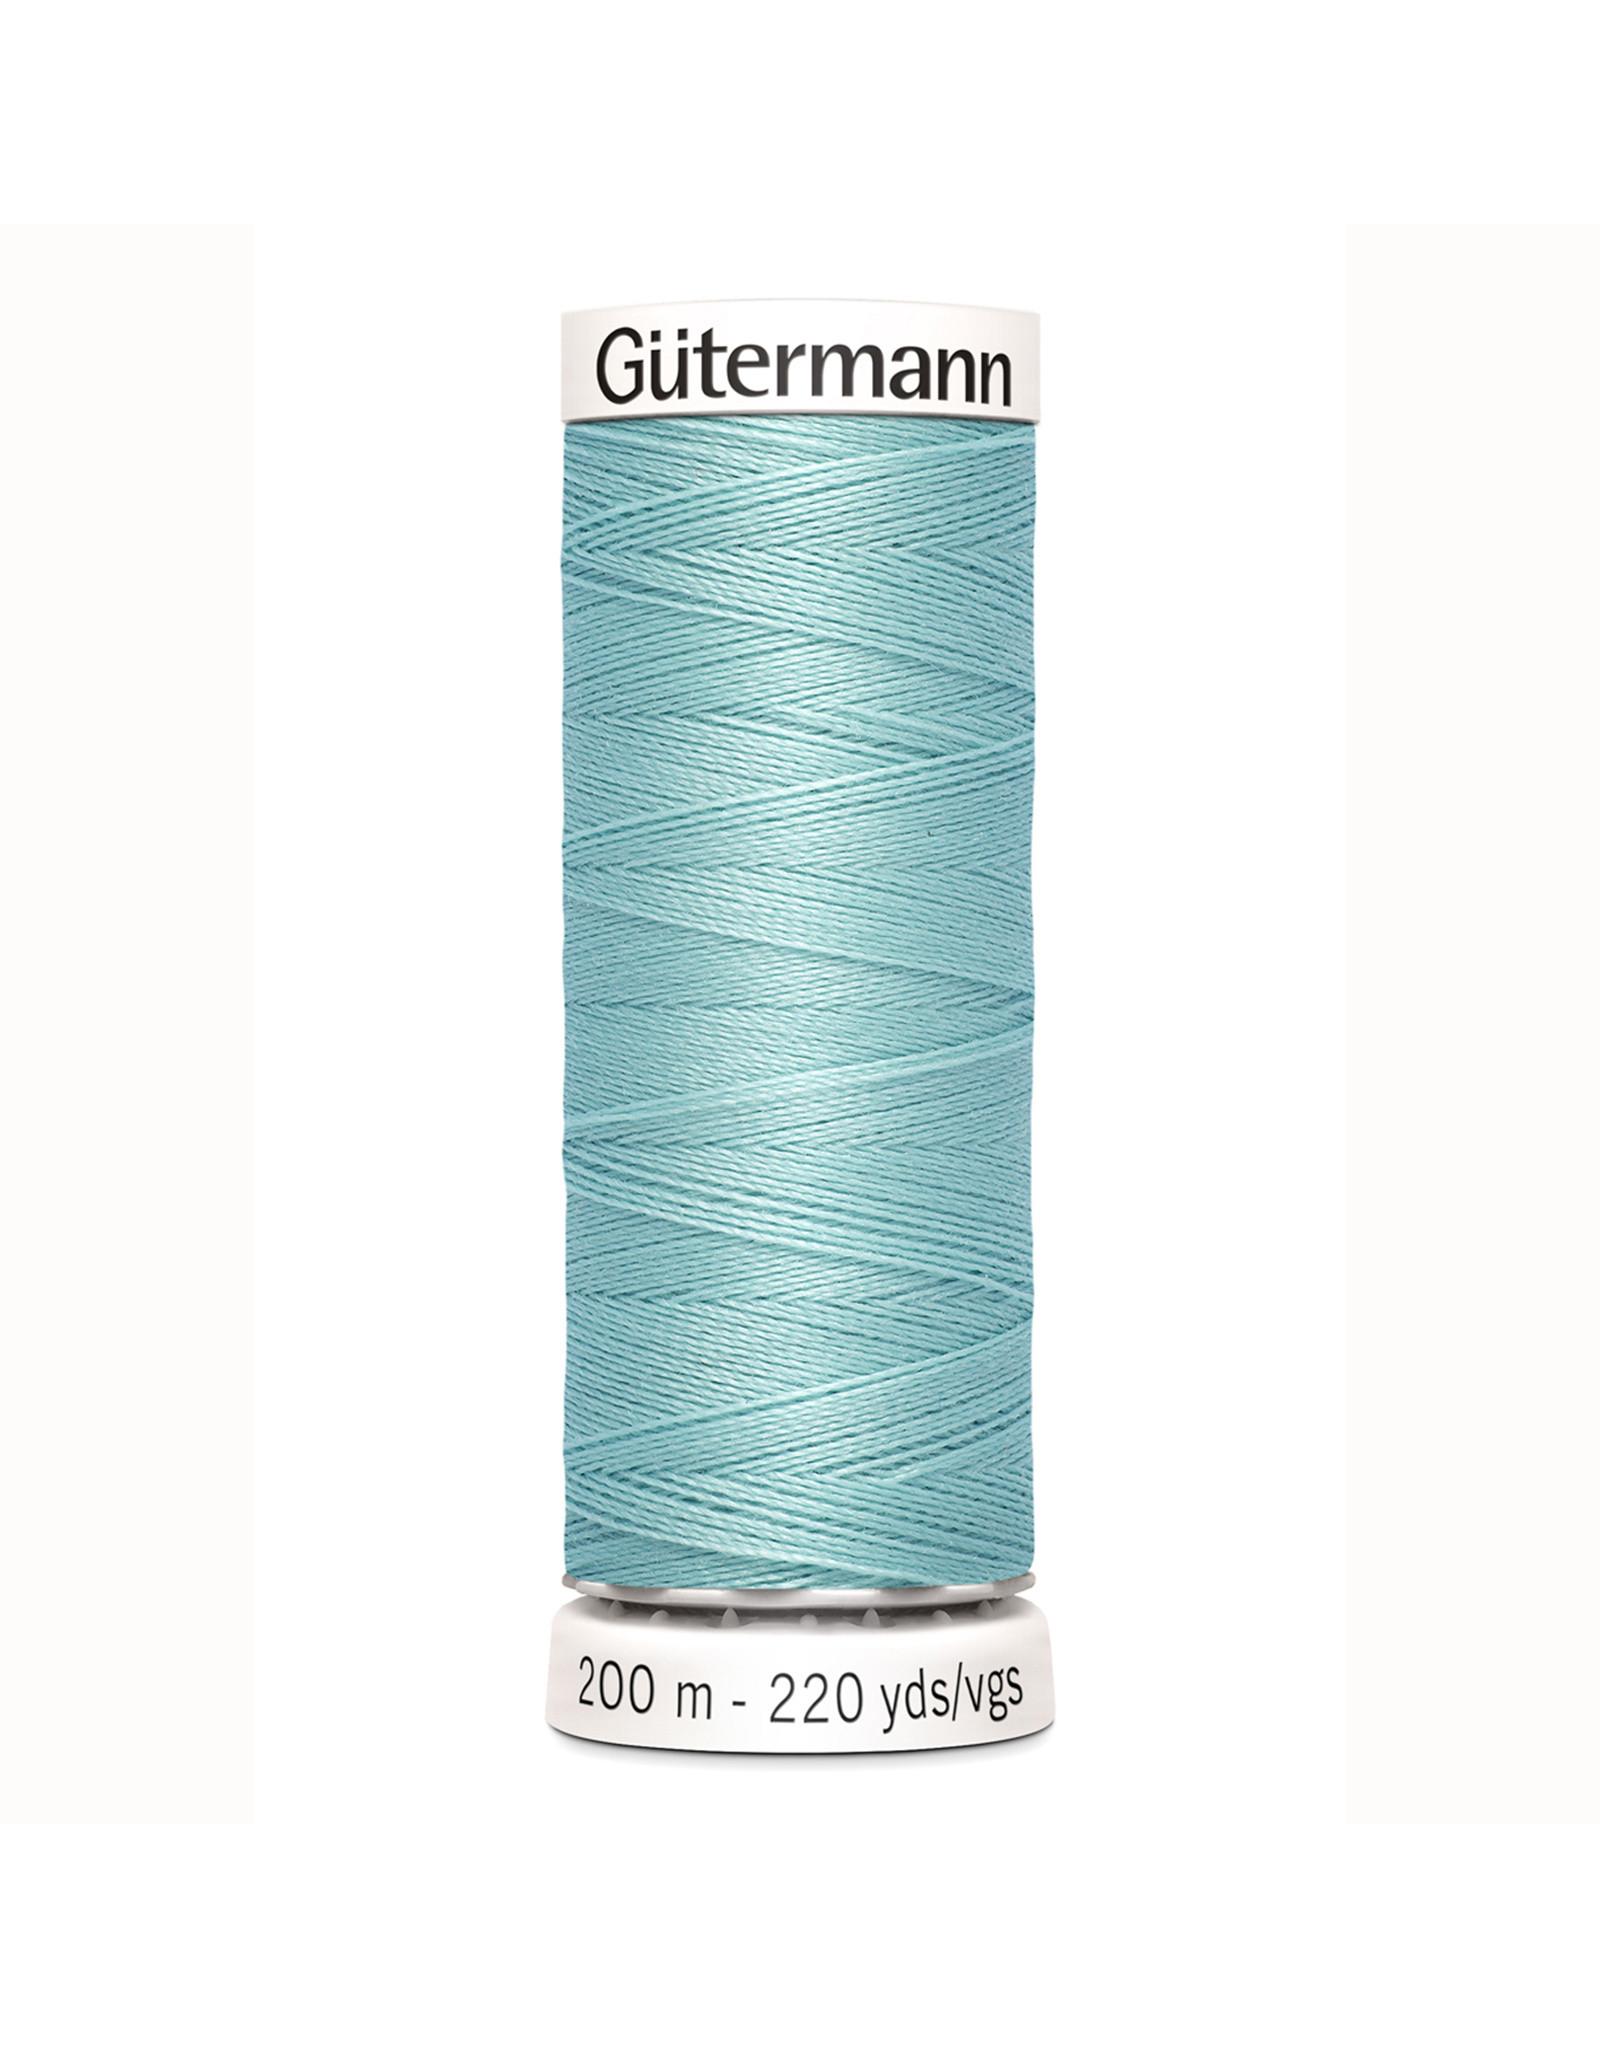 Gütermann Gütermann Sewing Thread 200 m - nr 331